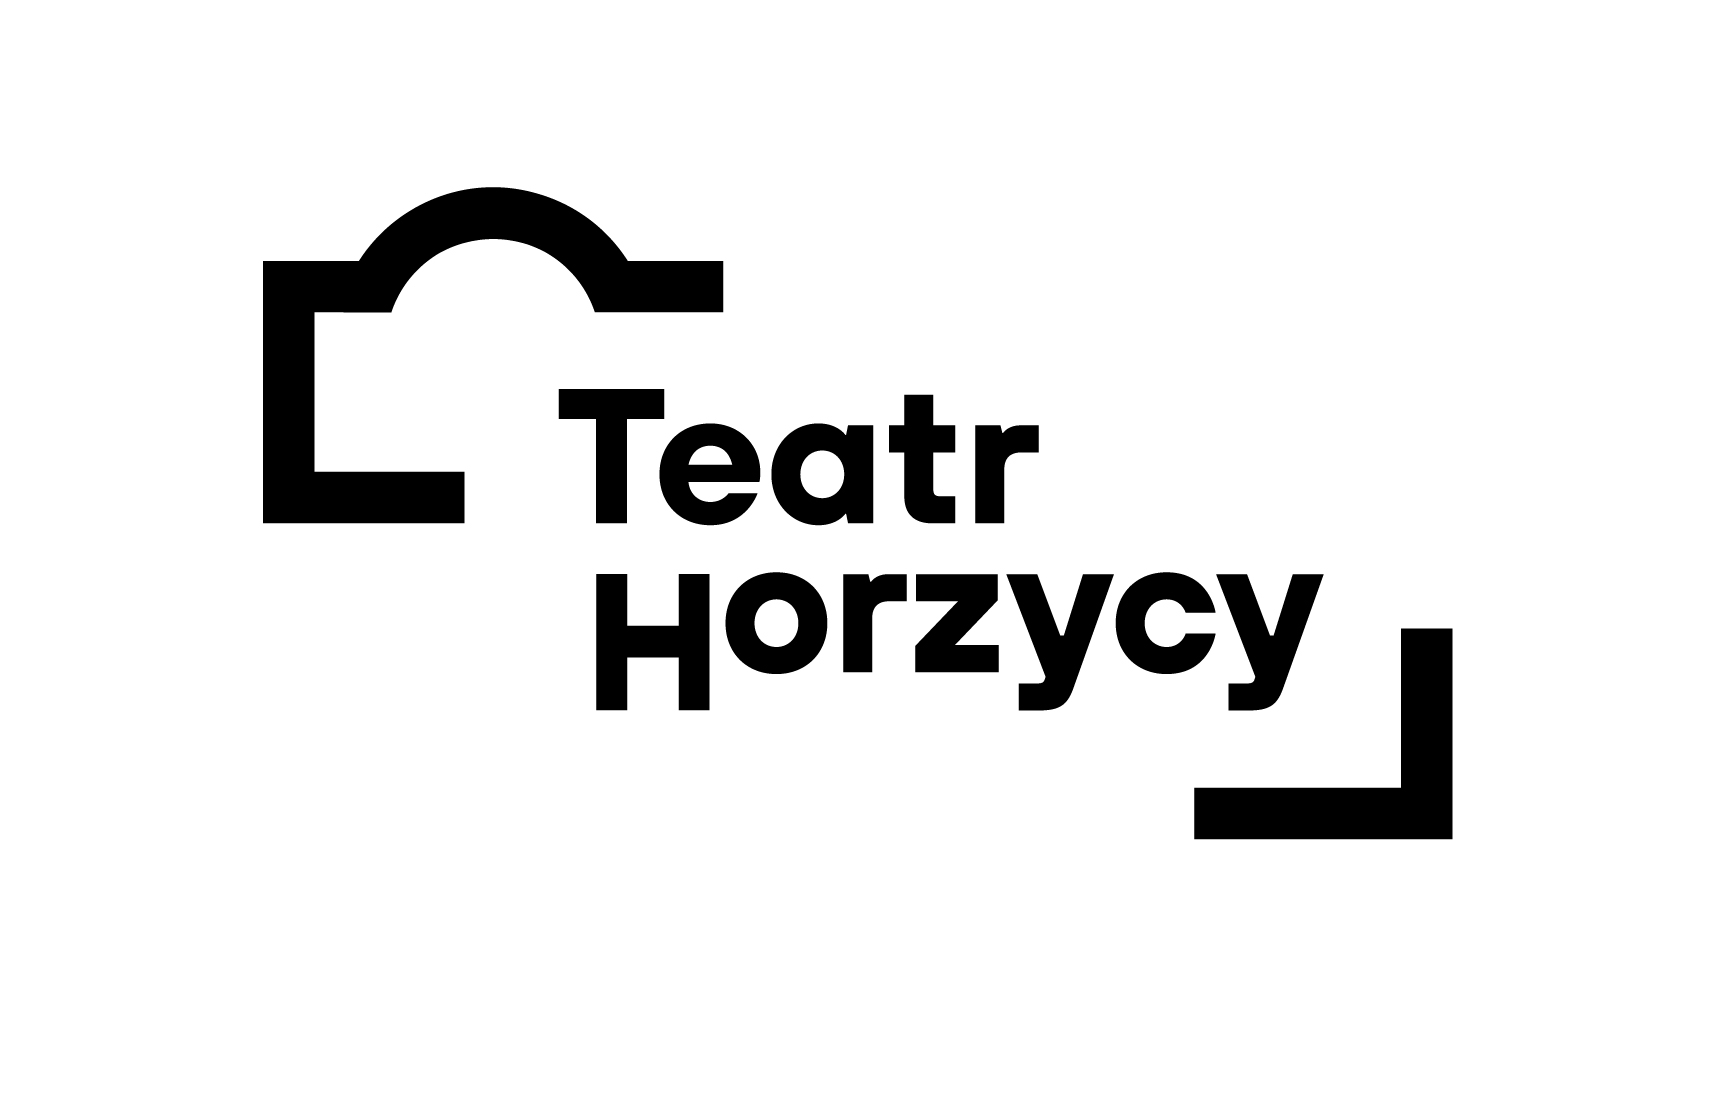 Napis Teatr Horzycy w środku grafiki przypominającej kształtem budynek teatru.